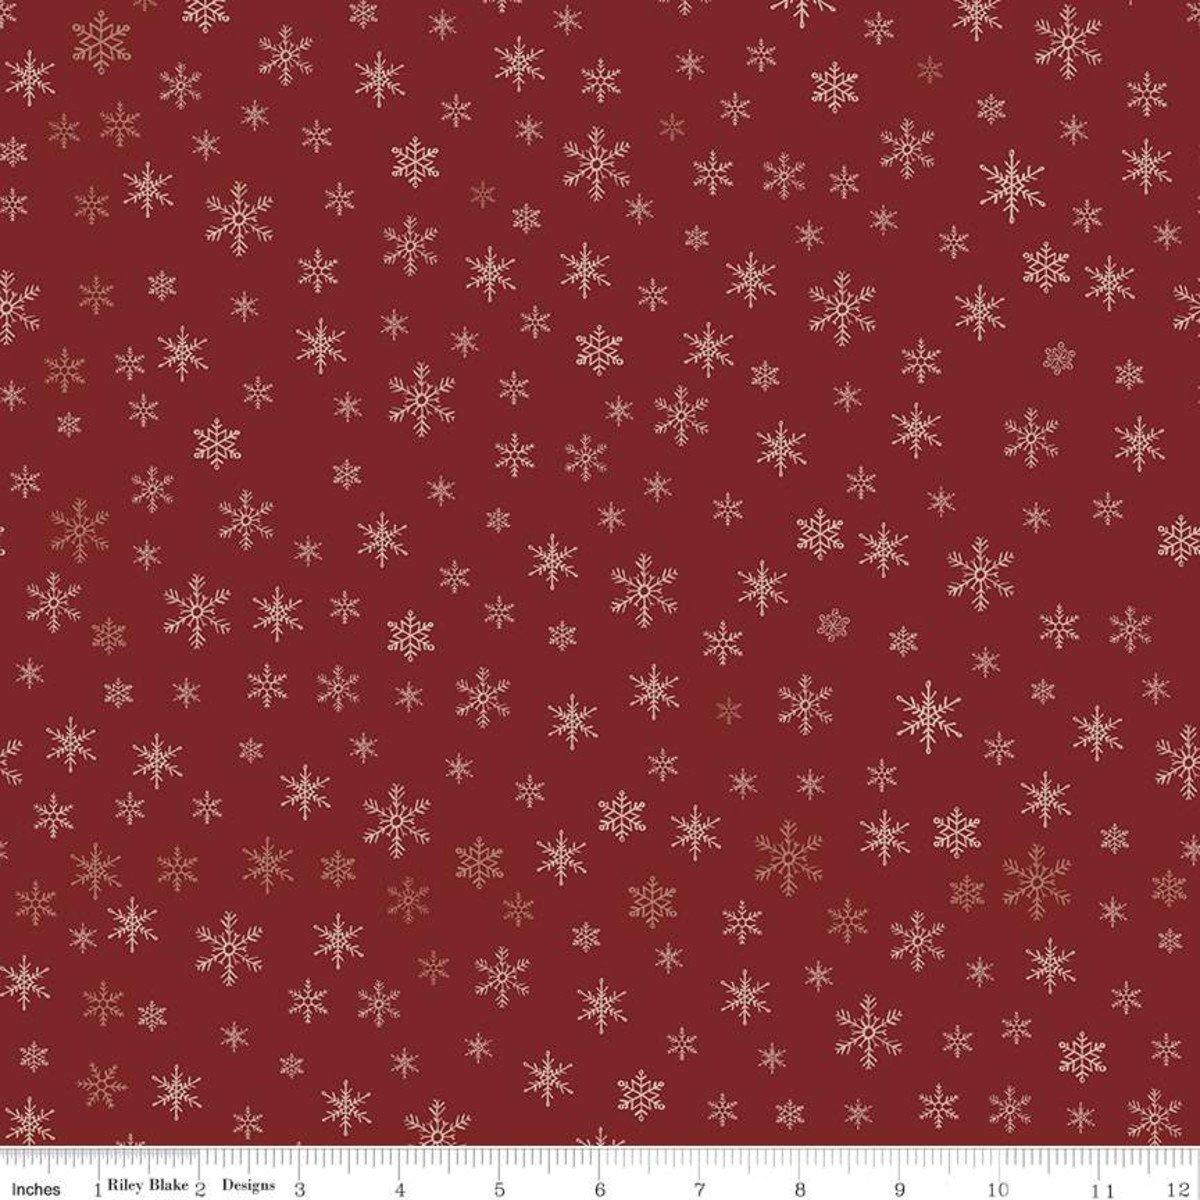 Farmhouse Christmas C10954 Snowflakes Red